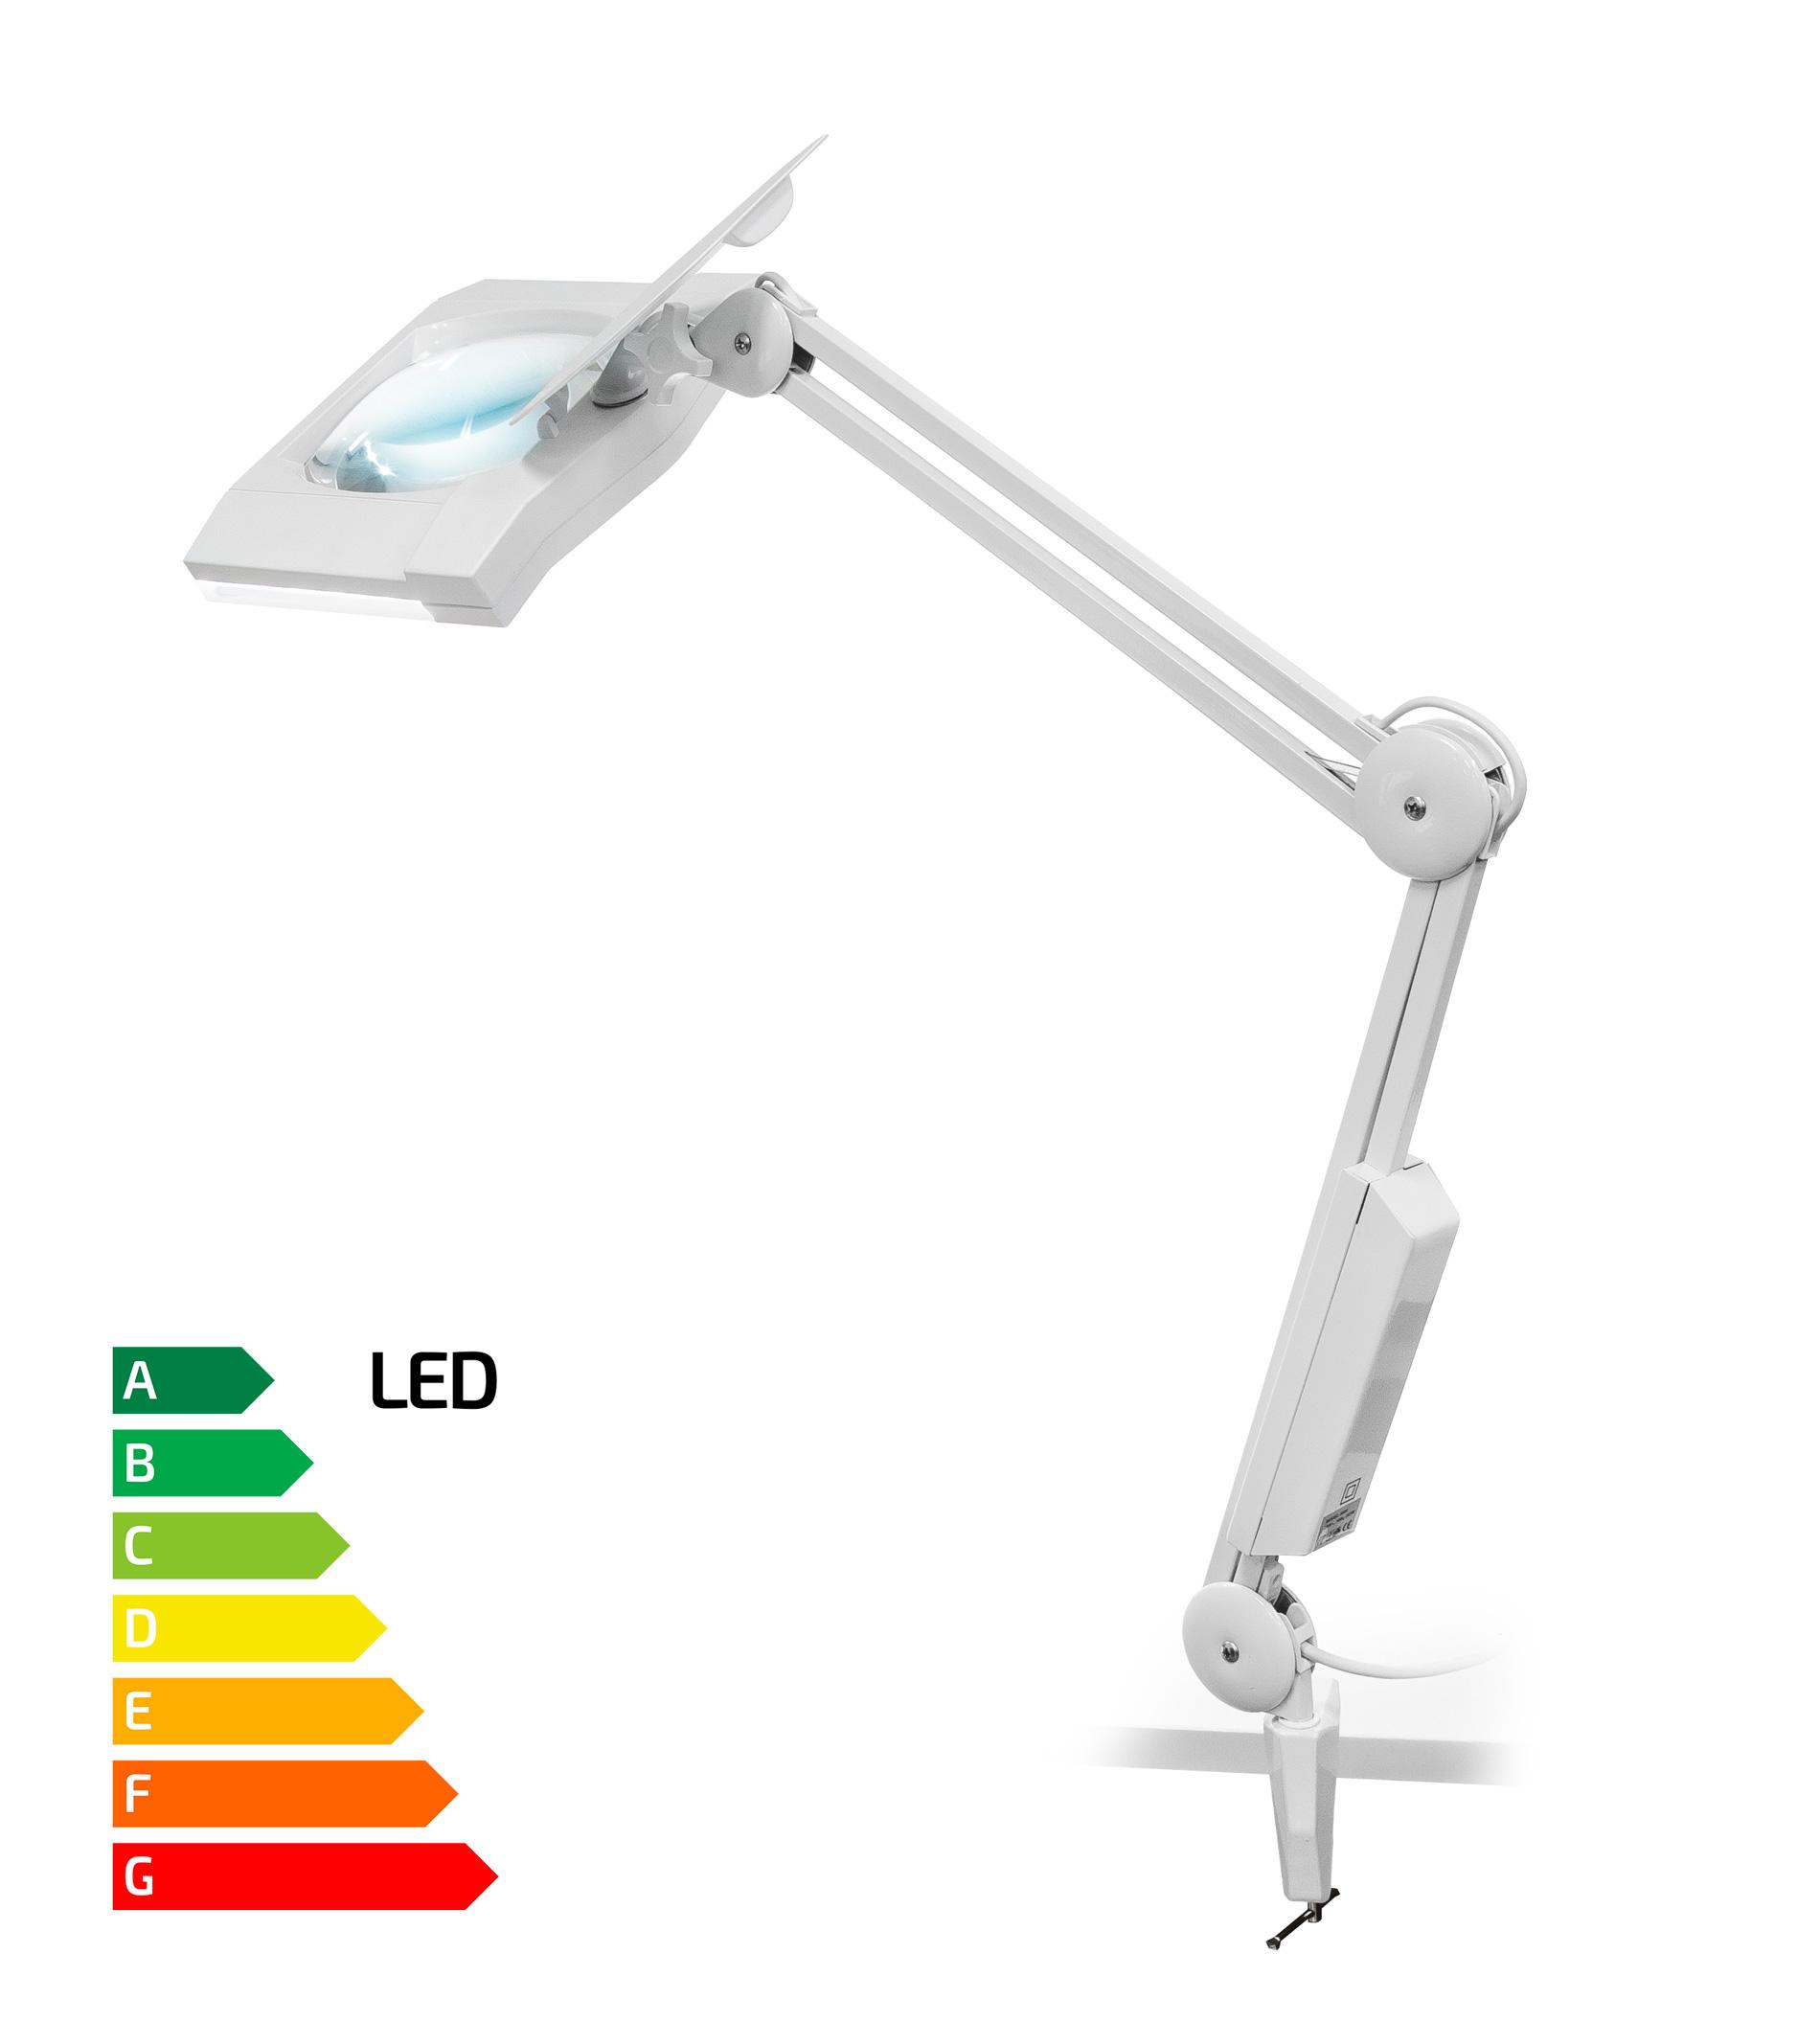 Lampa s lupou s LED osvětlením typ Giga zvětšení 5D